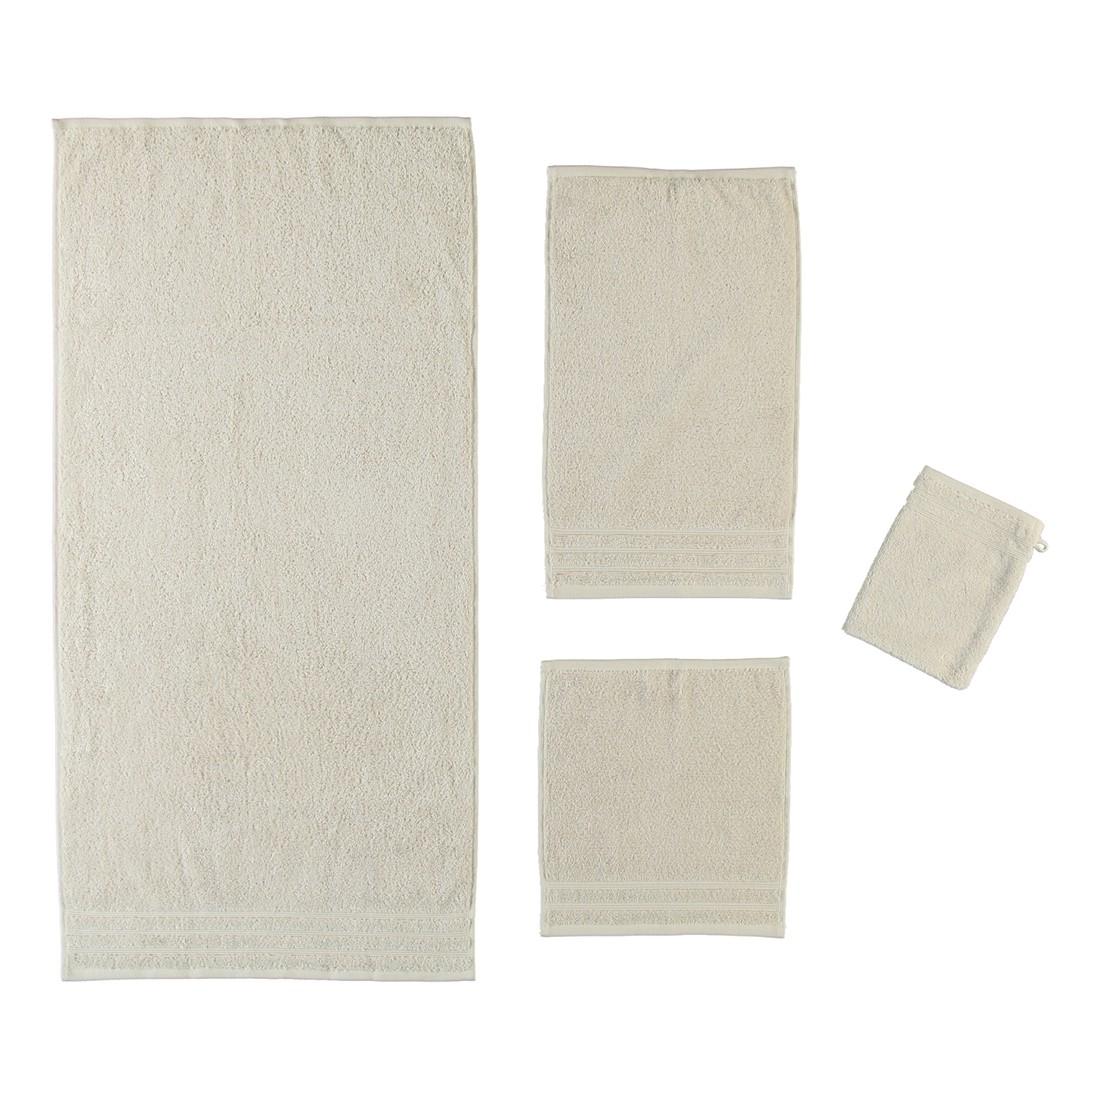 Handtuch Royal – 100% Baumwolle Beige – 209 – Handtuch: 50 x 100 cm, Kleine Wolke online bestellen